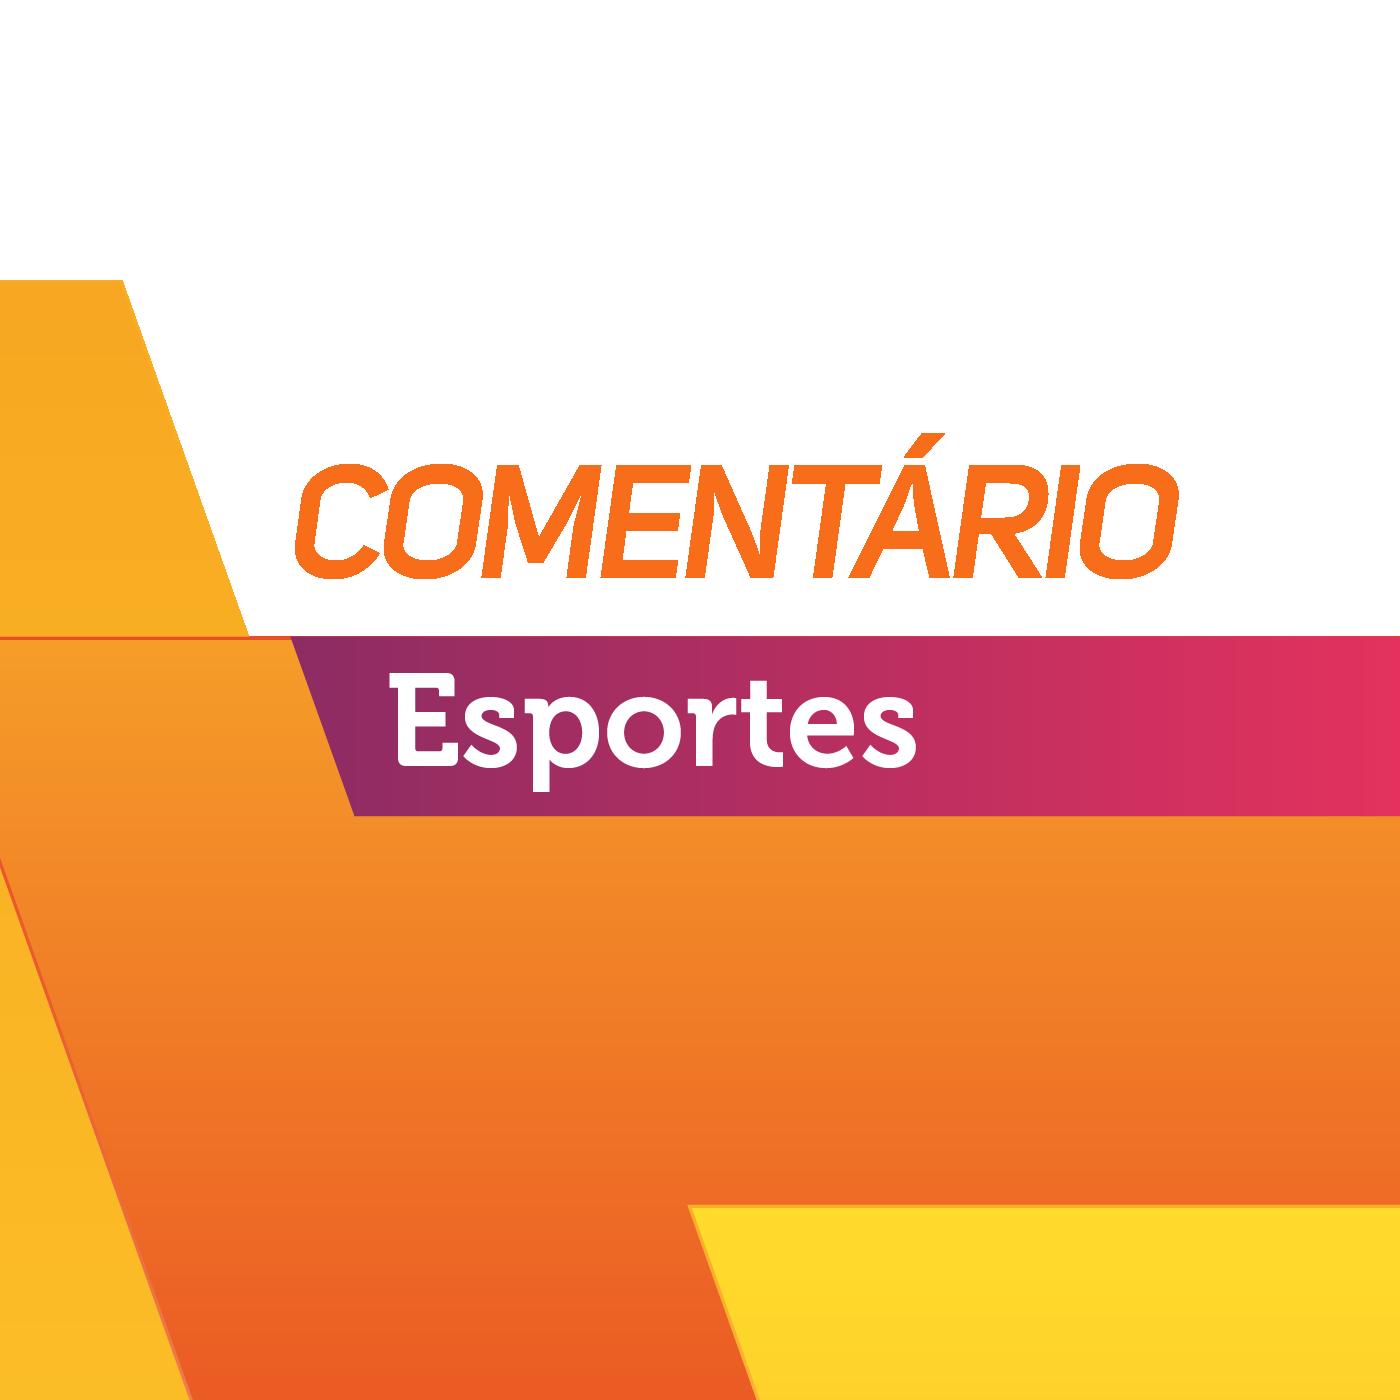 Sílvio Benfica Comenta Futebol No Gaúcha Hoje - 02/08/2016